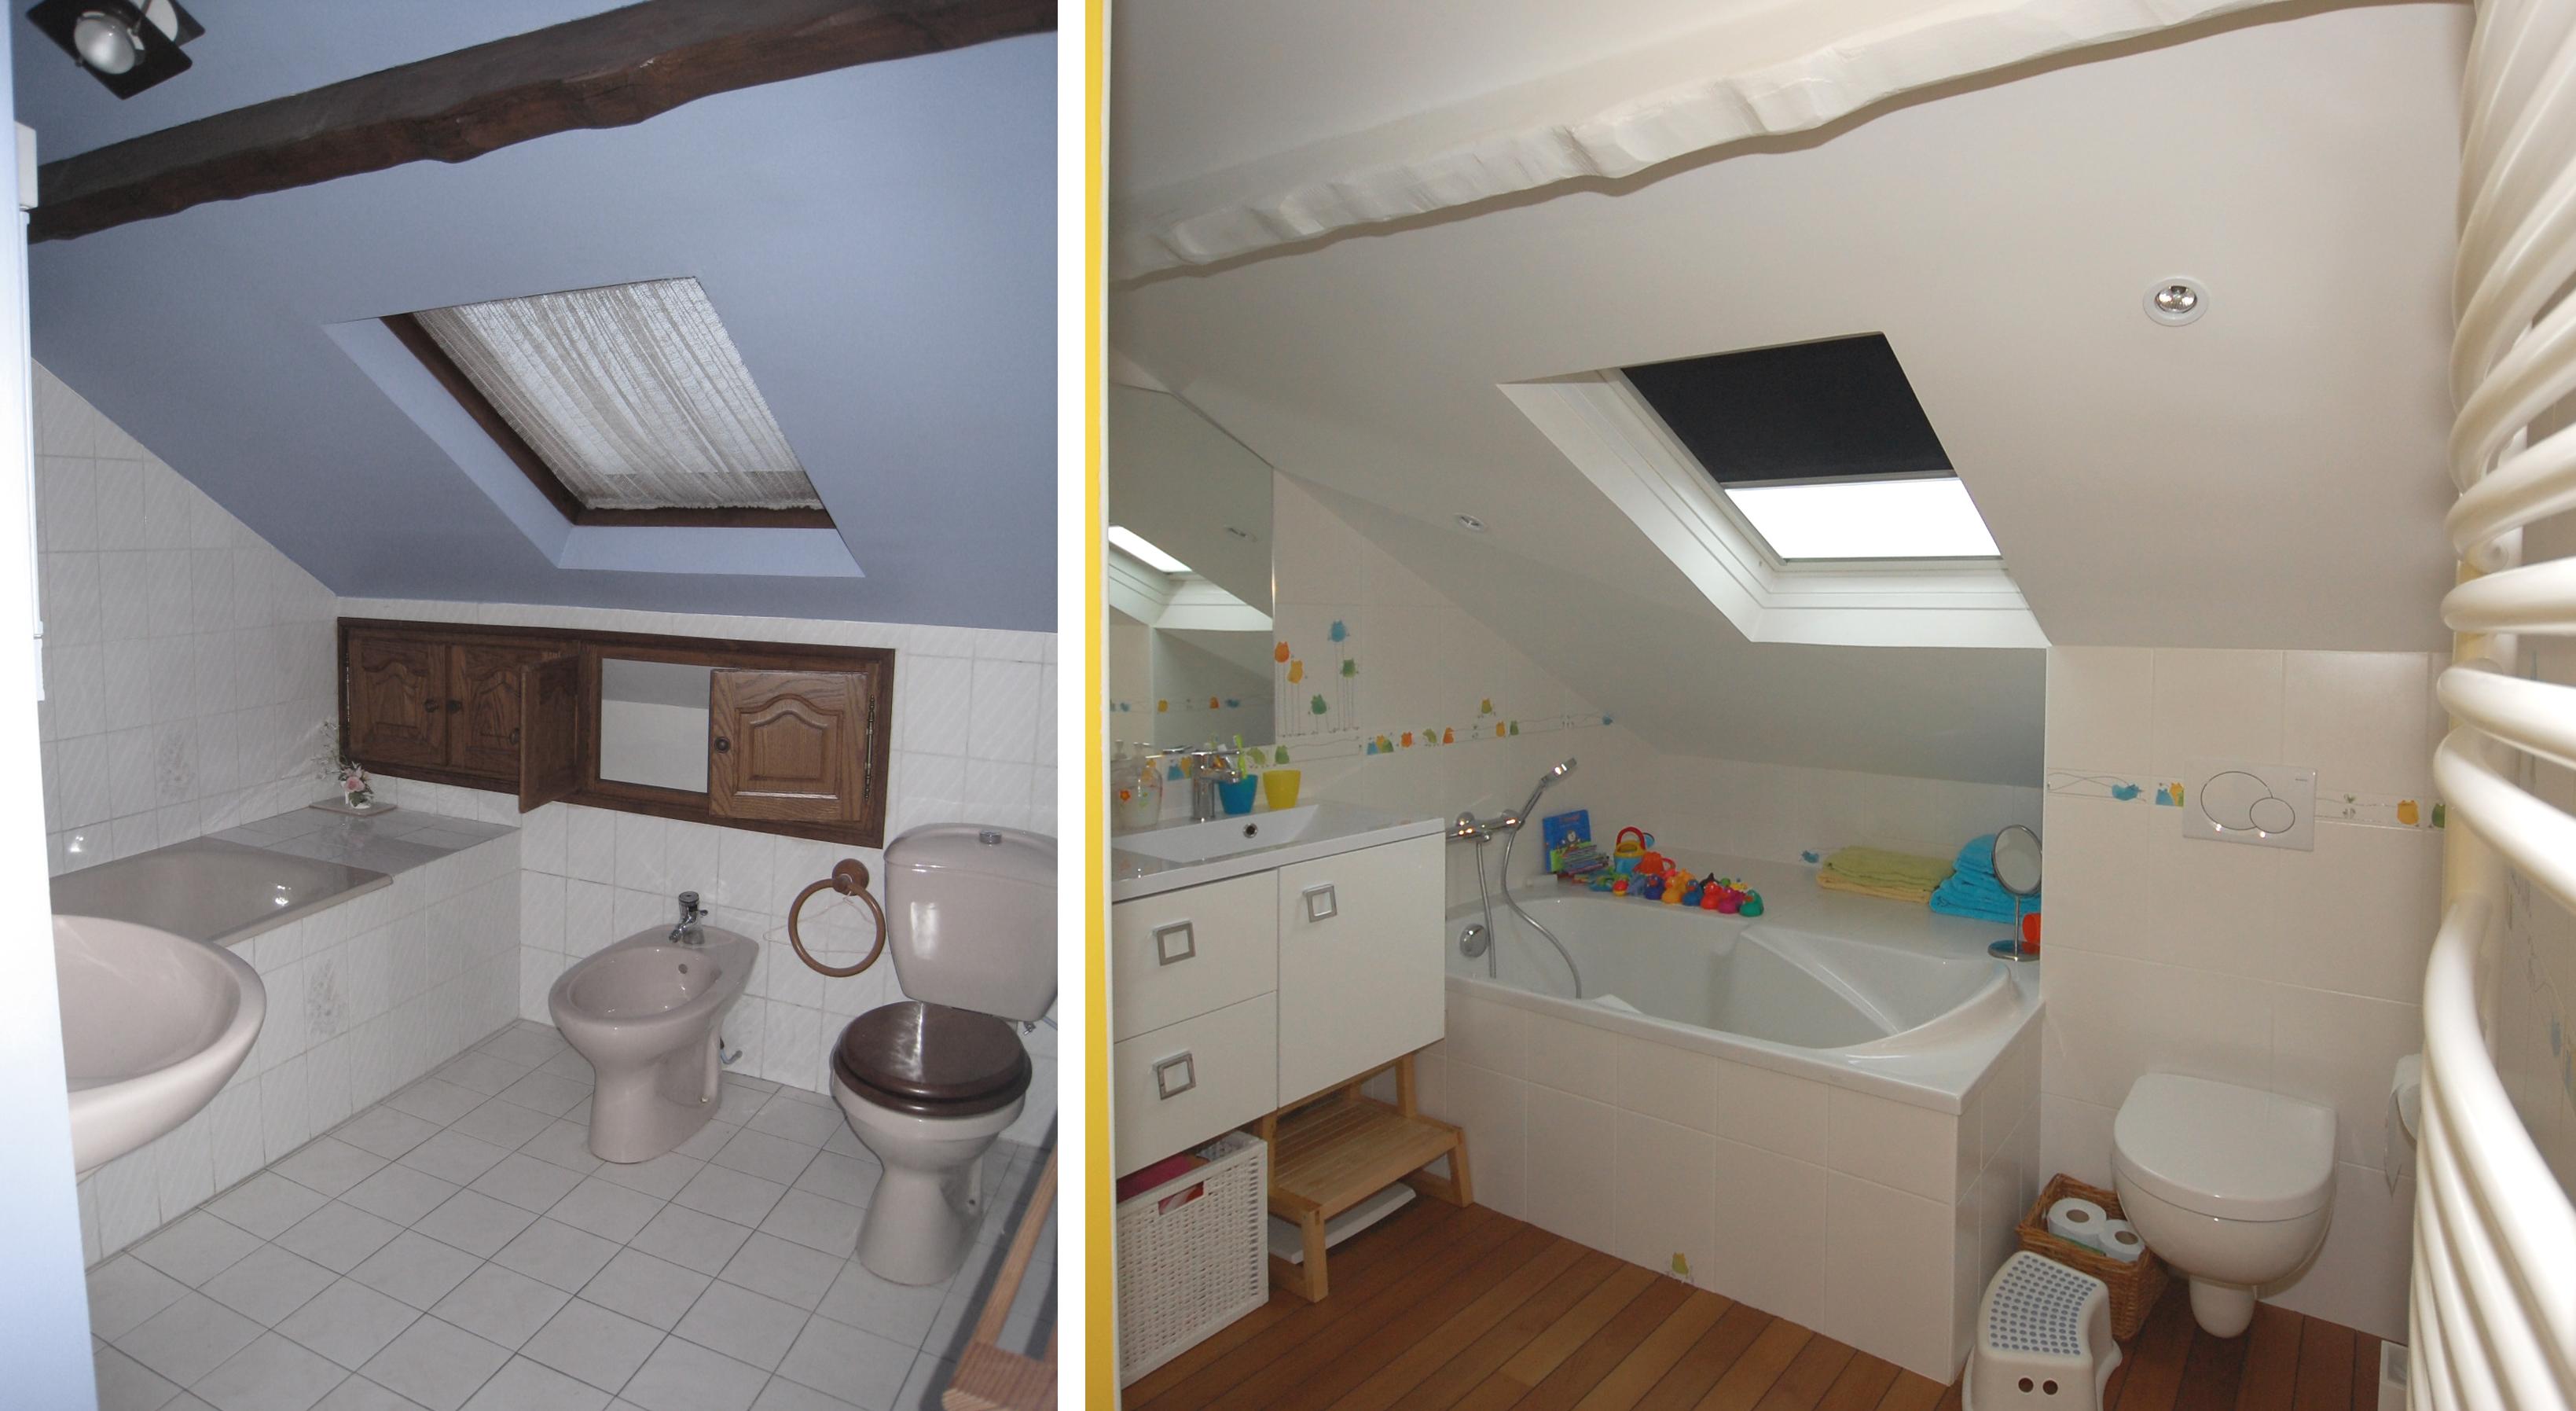 Petite salle de bain sous comble avec wc solutions pour for Petite salle de bain avec toilette